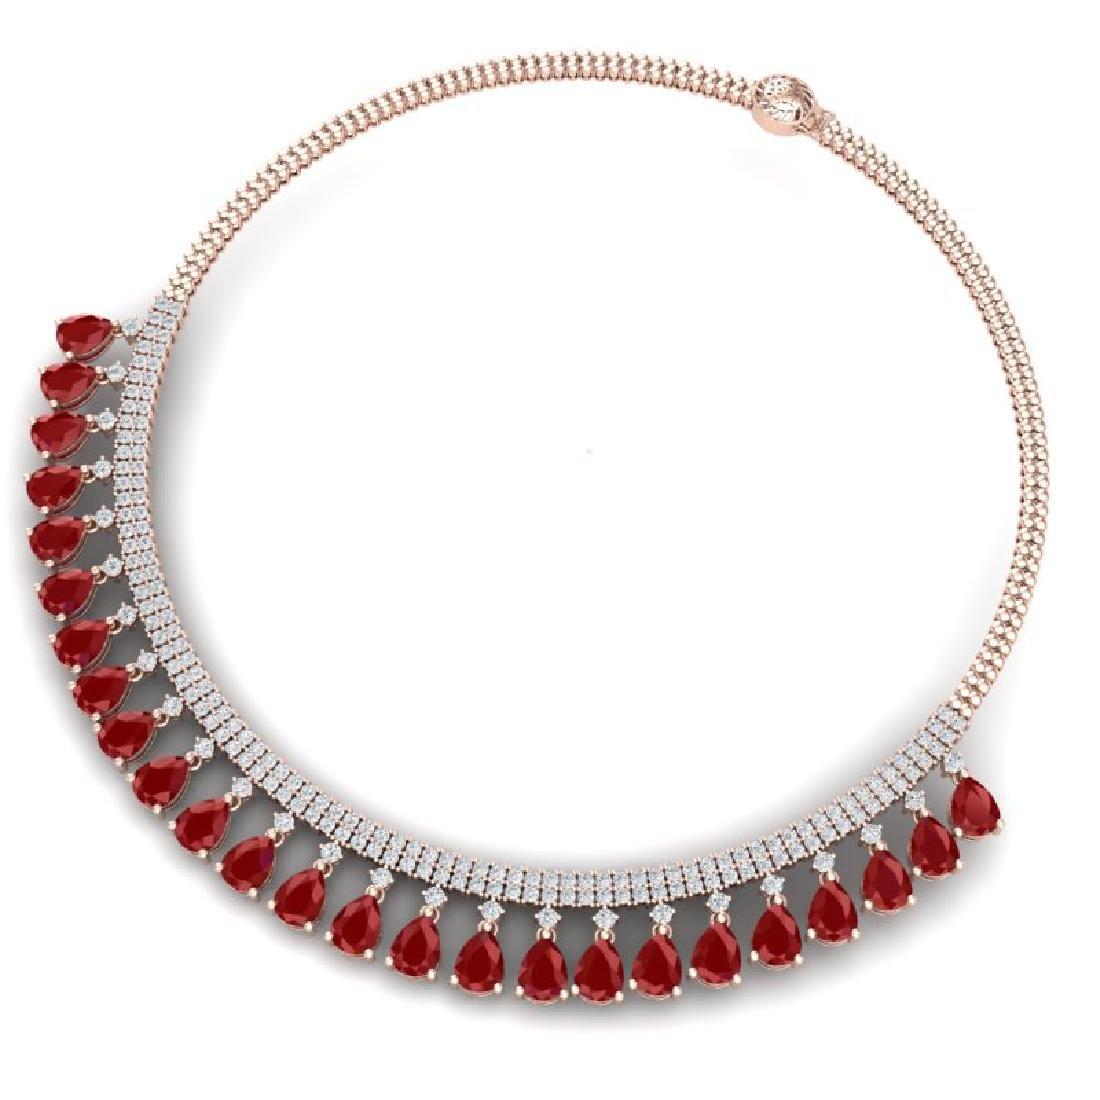 51.75 CTW Royalty Ruby & VS Diamond Necklace 18K Rose - 3